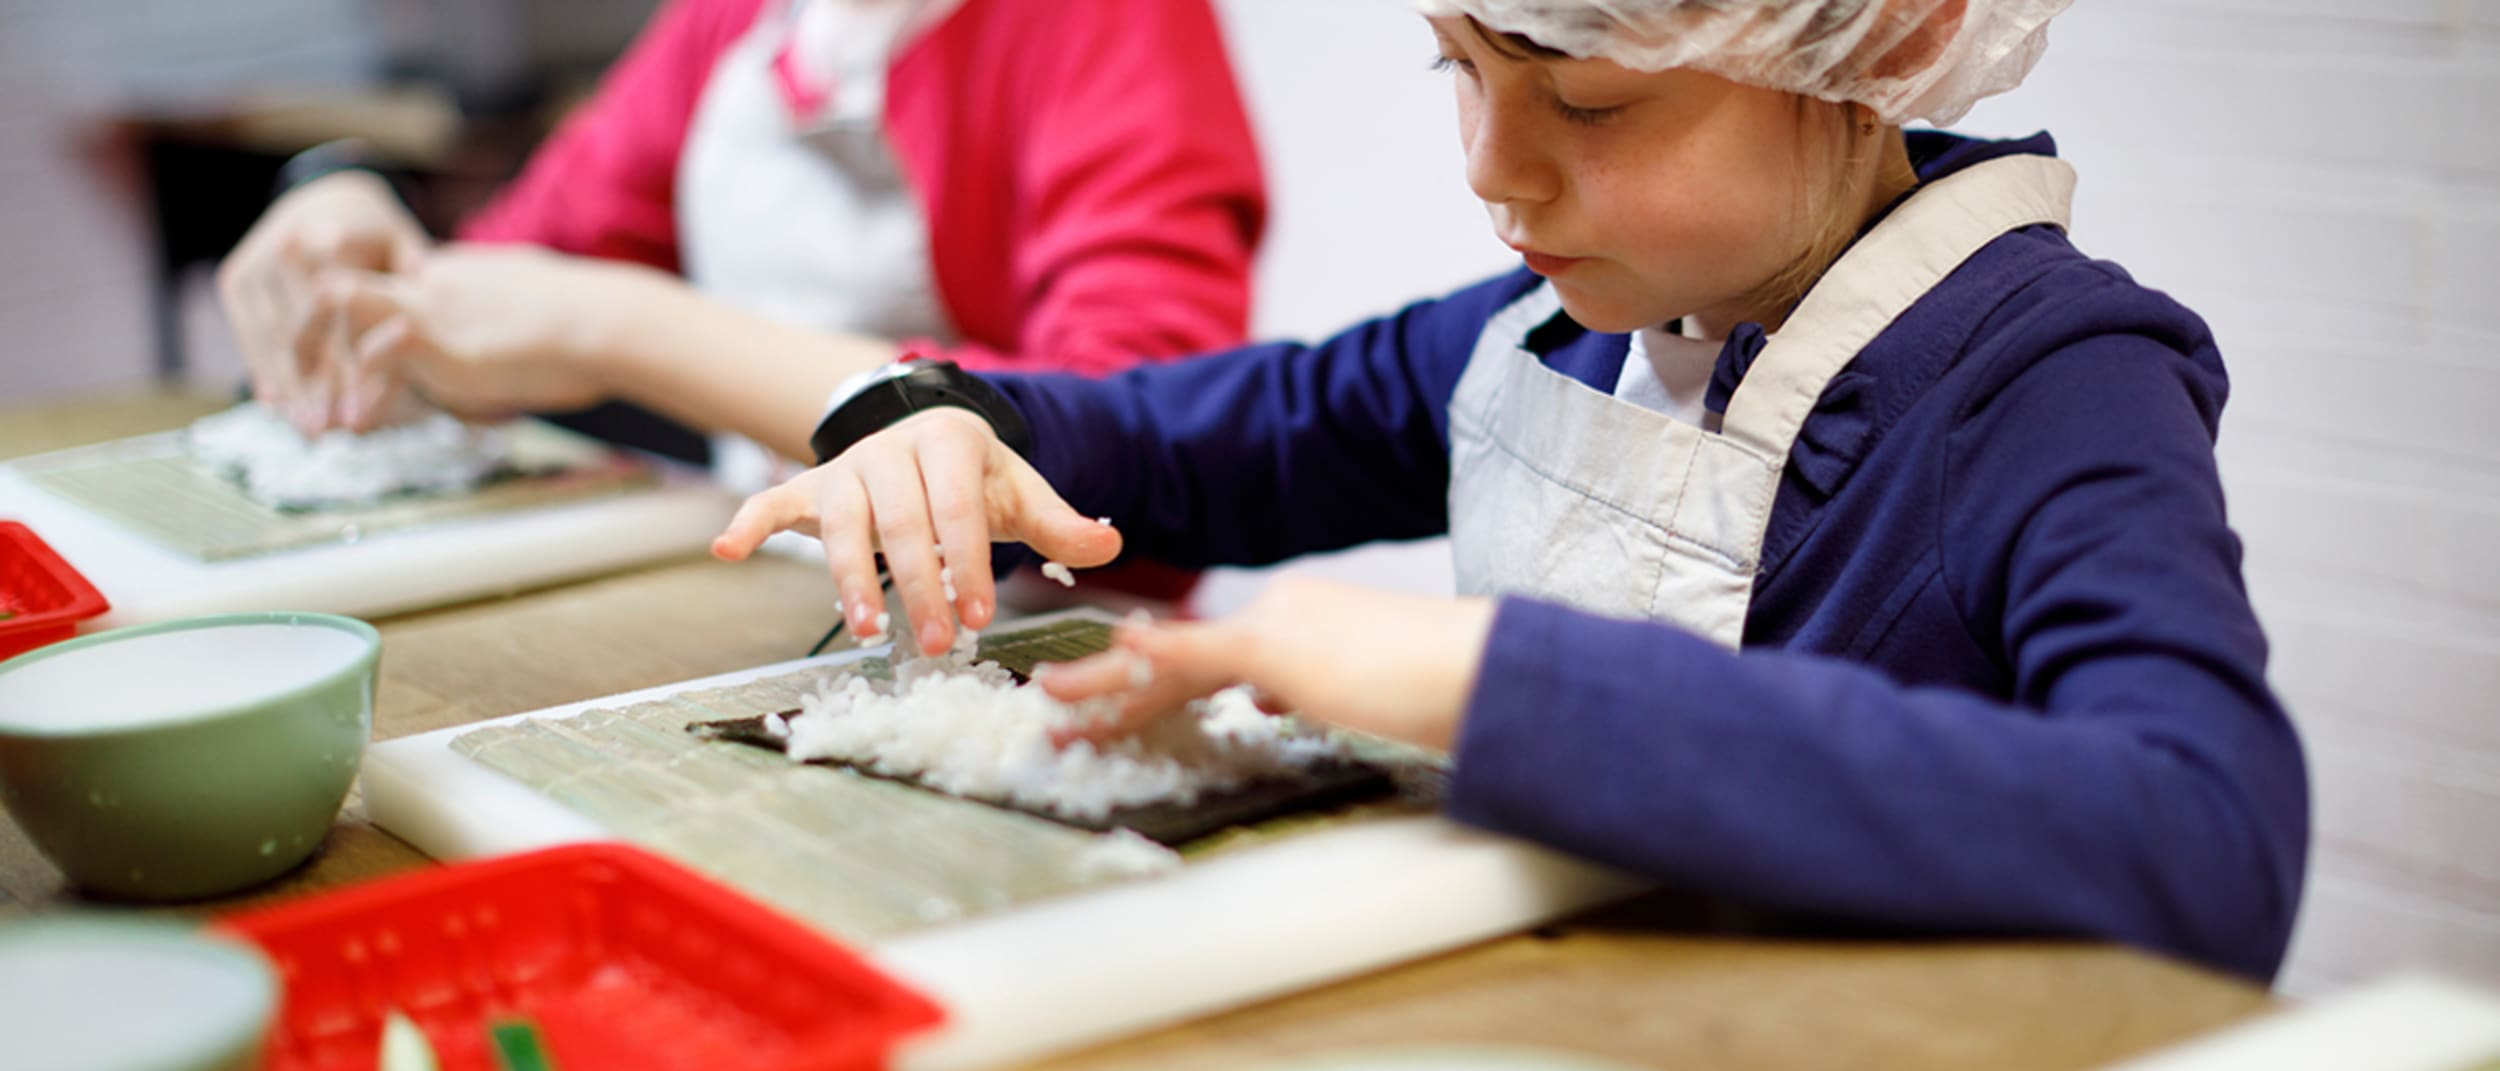 Hero Sushi: Kids masterclass